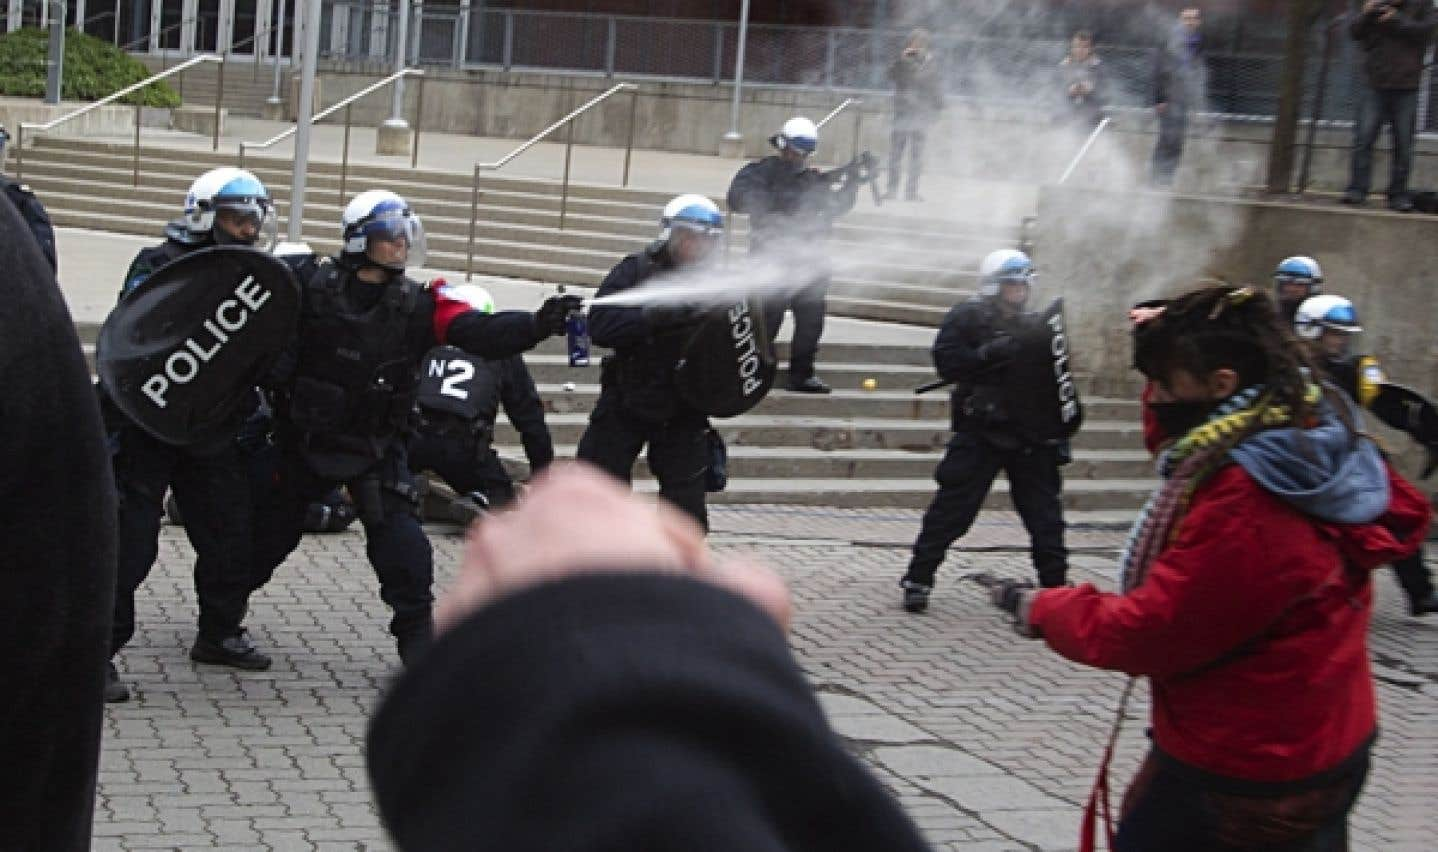 Les policiers dispersé la foule avec du poivre de Cayenne et des bombes fumigènes.